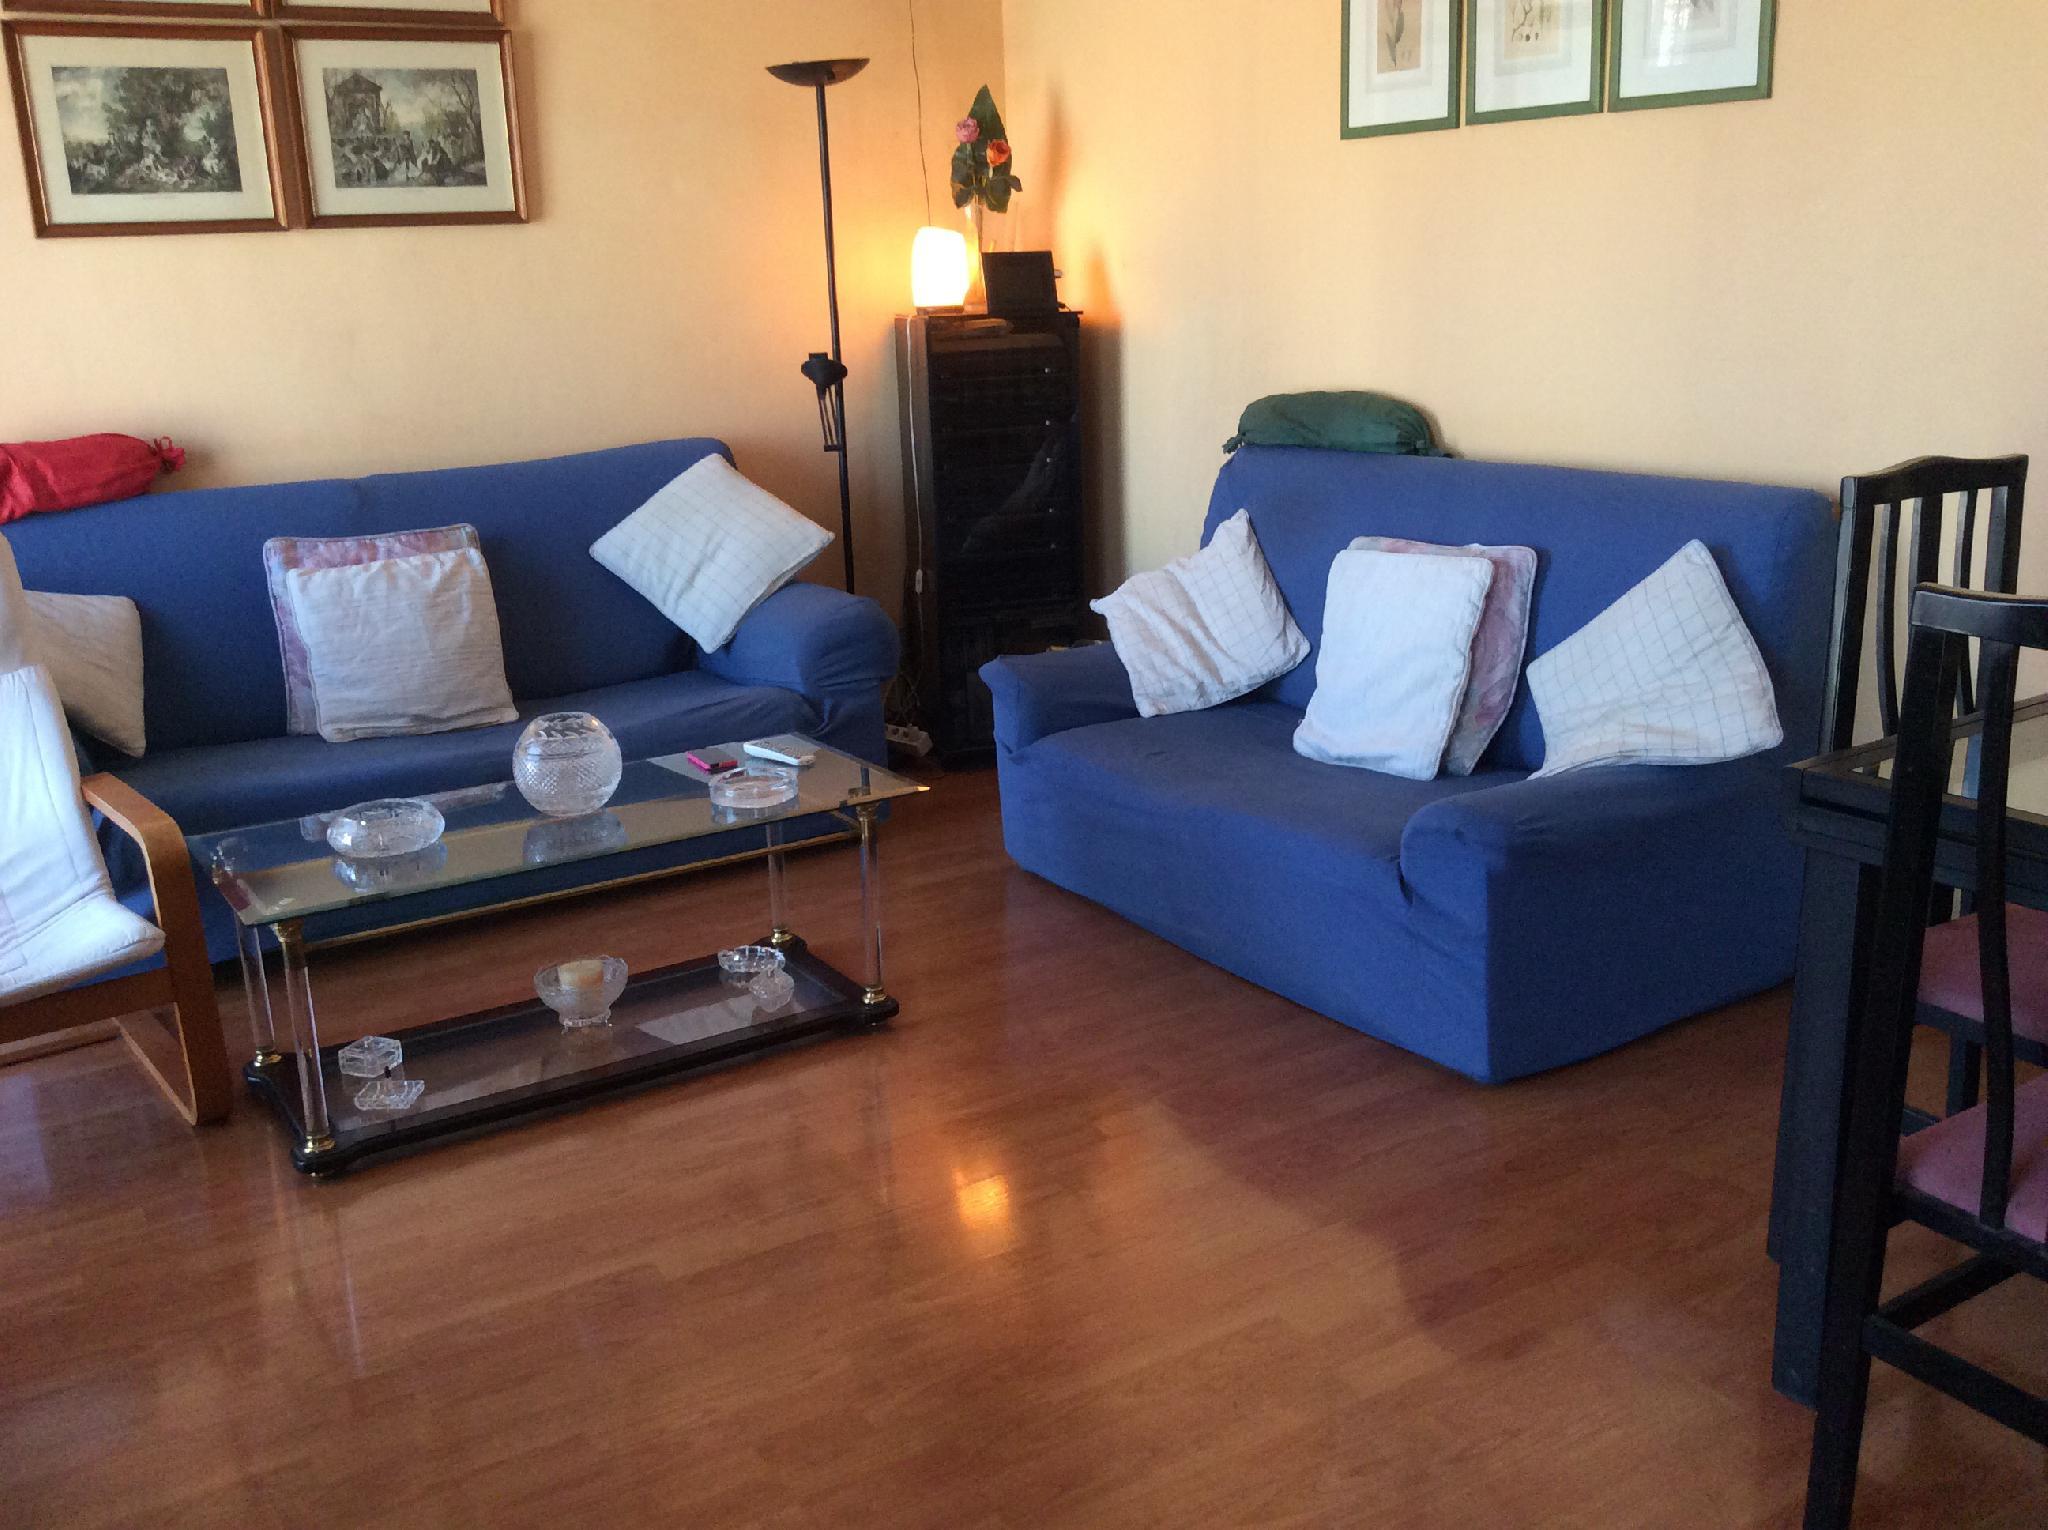 petit-appartement-de-vente-a-placa-comerc-gran-de-sant-andreu-sant-andreu-de-palomar-a-barcelona-215561853